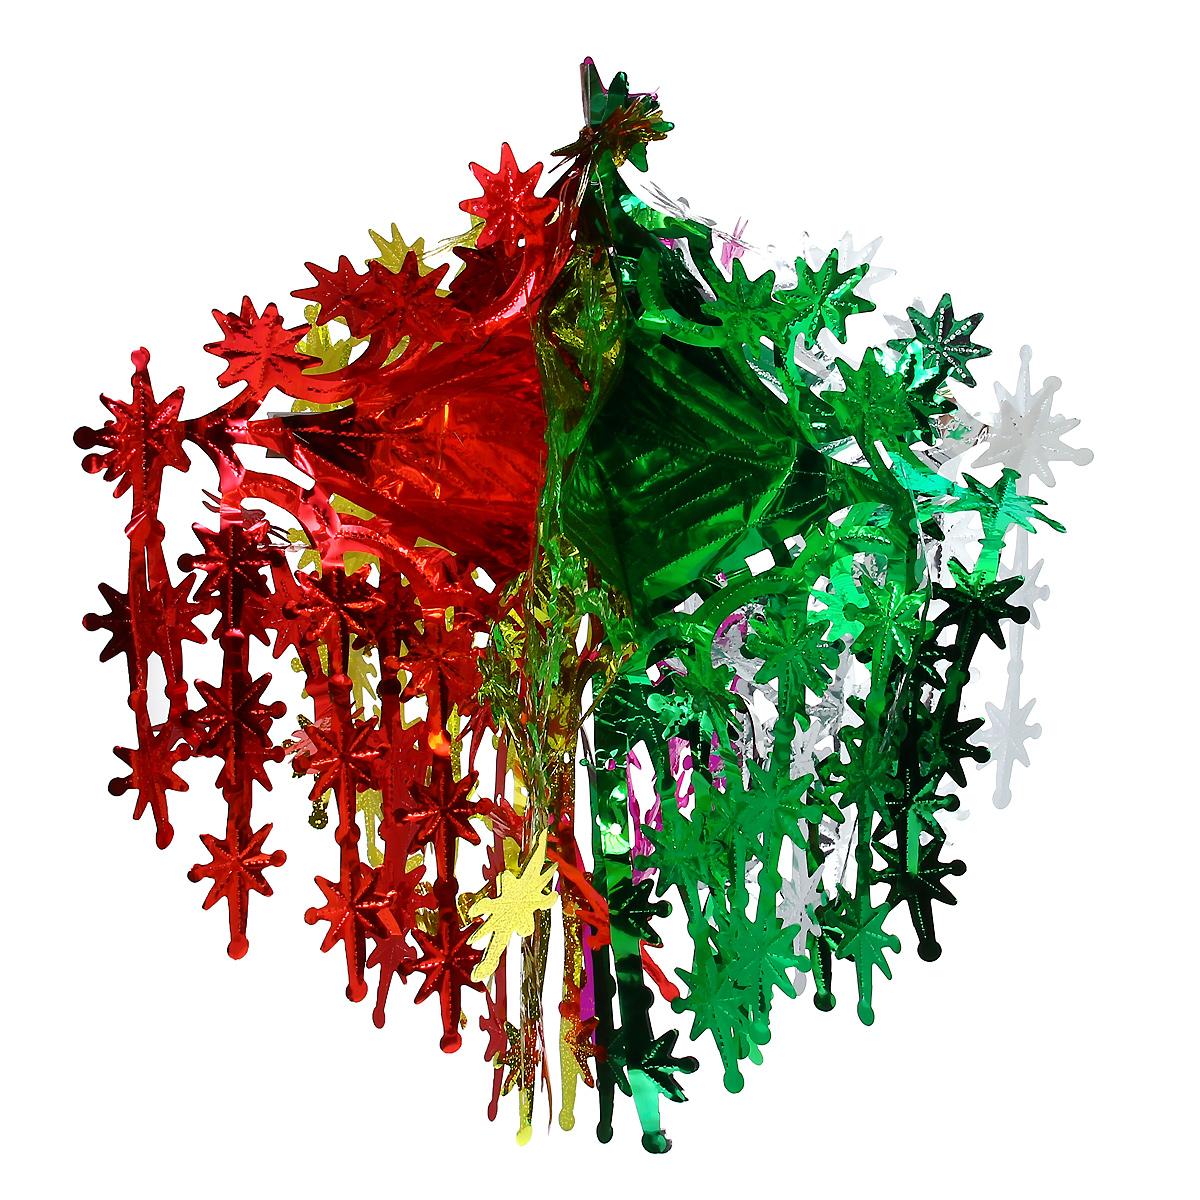 Новогодняя гирлянда Невероятные вензеля, цвет: мульти, 24 х 50 см 3438706008A7401Новогодняя гирлянда прекрасно подойдет для декора дома или офиса. Украшение выполнено из разноцветной металлизированной фольги. С помощью специальных петелек гирлянду можно повесить в любом понравившемся вам месте. Украшение легко складывается и раскладывается. Новогодние украшения несут в себе волшебство и красоту праздника. Они помогут вам украсить дом к предстоящим праздникам и оживить интерьер по вашему вкусу. Создайте в доме атмосферу тепла, веселья и радости, украшая его всей семьей.